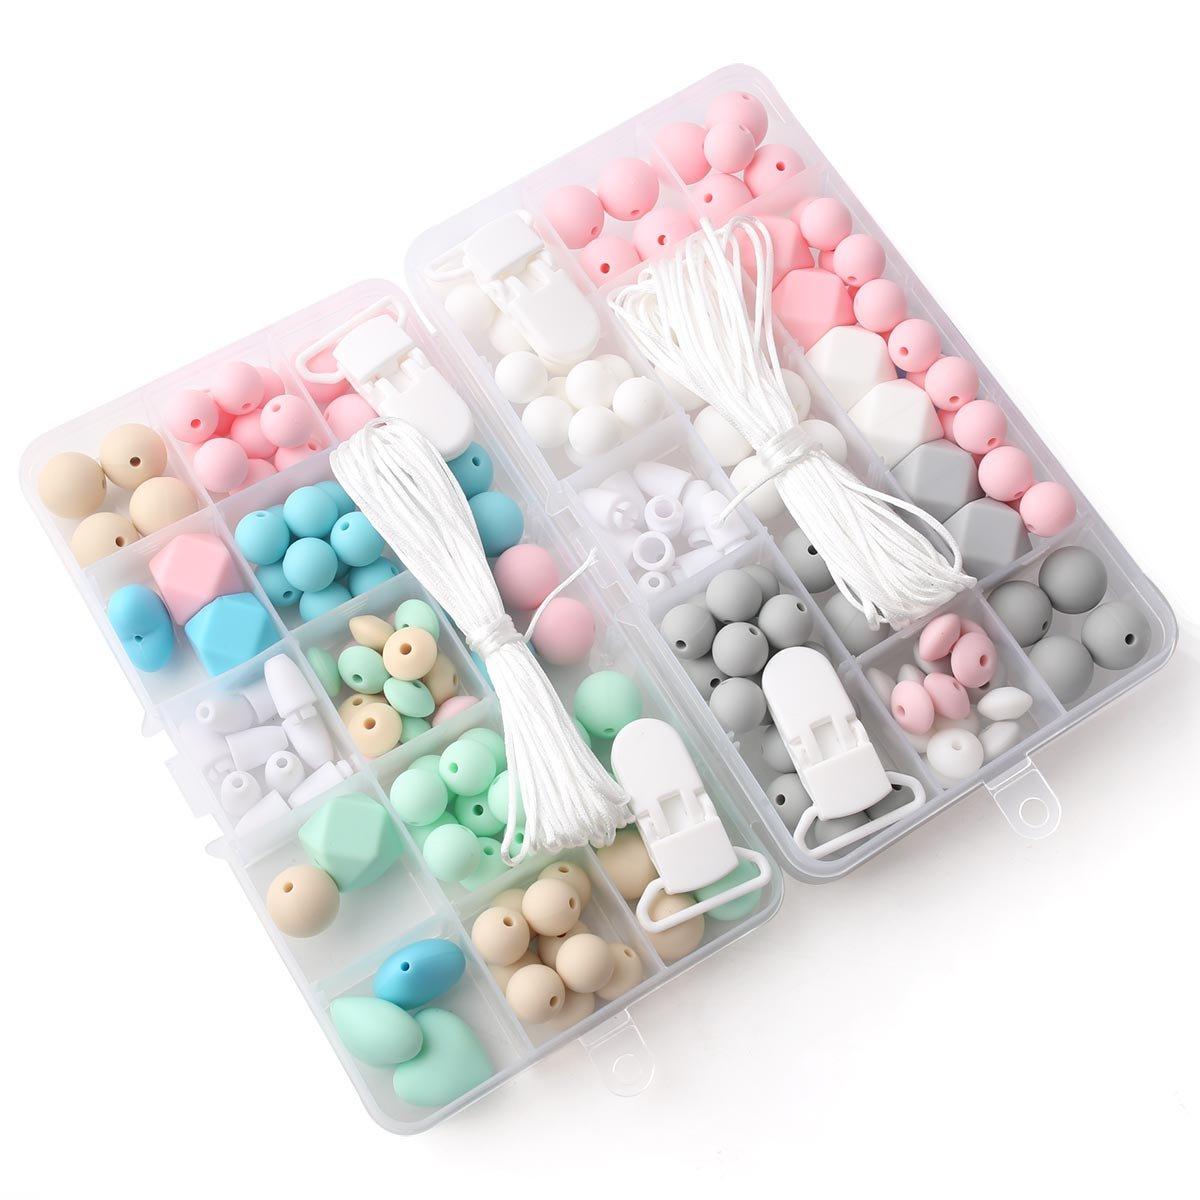 Baby Tete Silikon Perlen Schnuller Clip Zubehör Diy Perlen Set